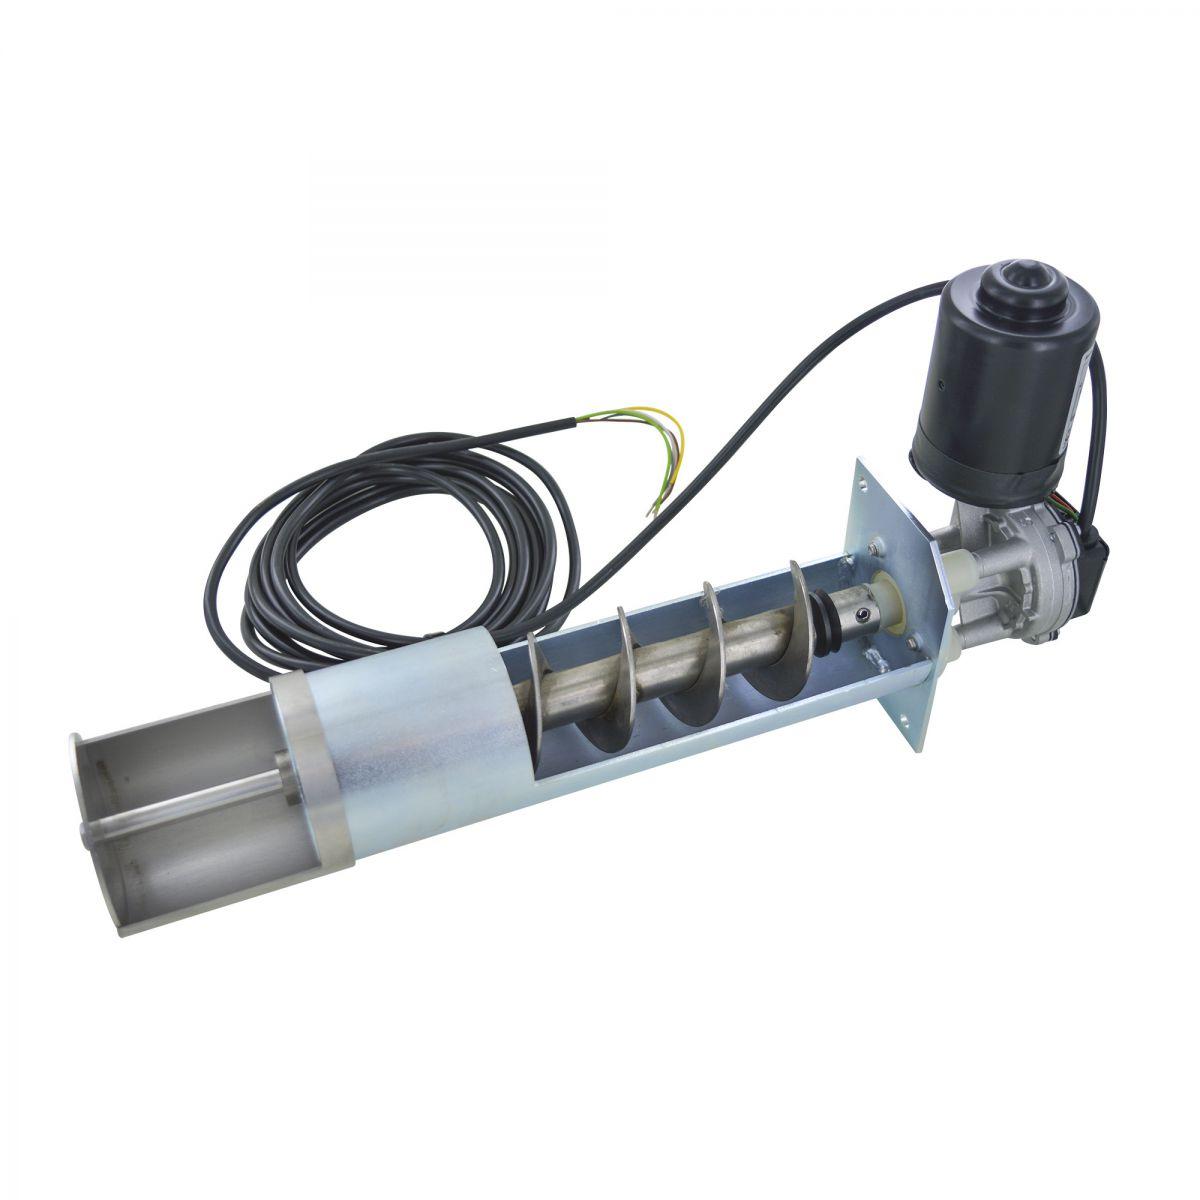 voerdosator poeder met vijzel 40 g met rvs uitvalkop 11021